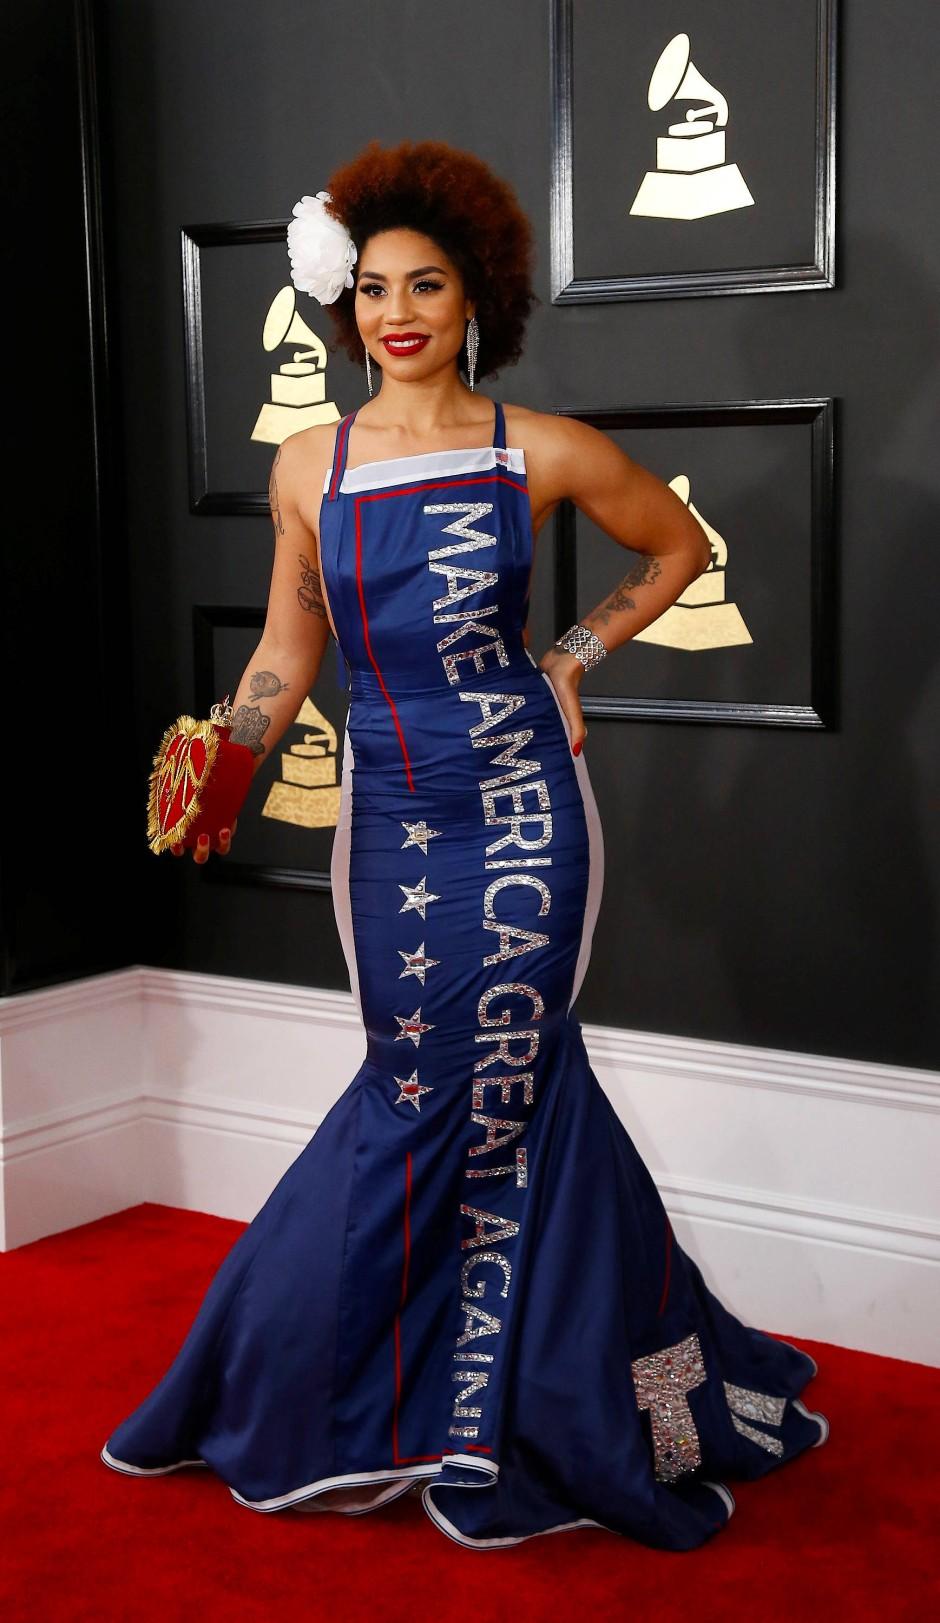 Villa in ihrem bekannten Pro-Trump-Outfit bei den Grammys 2017